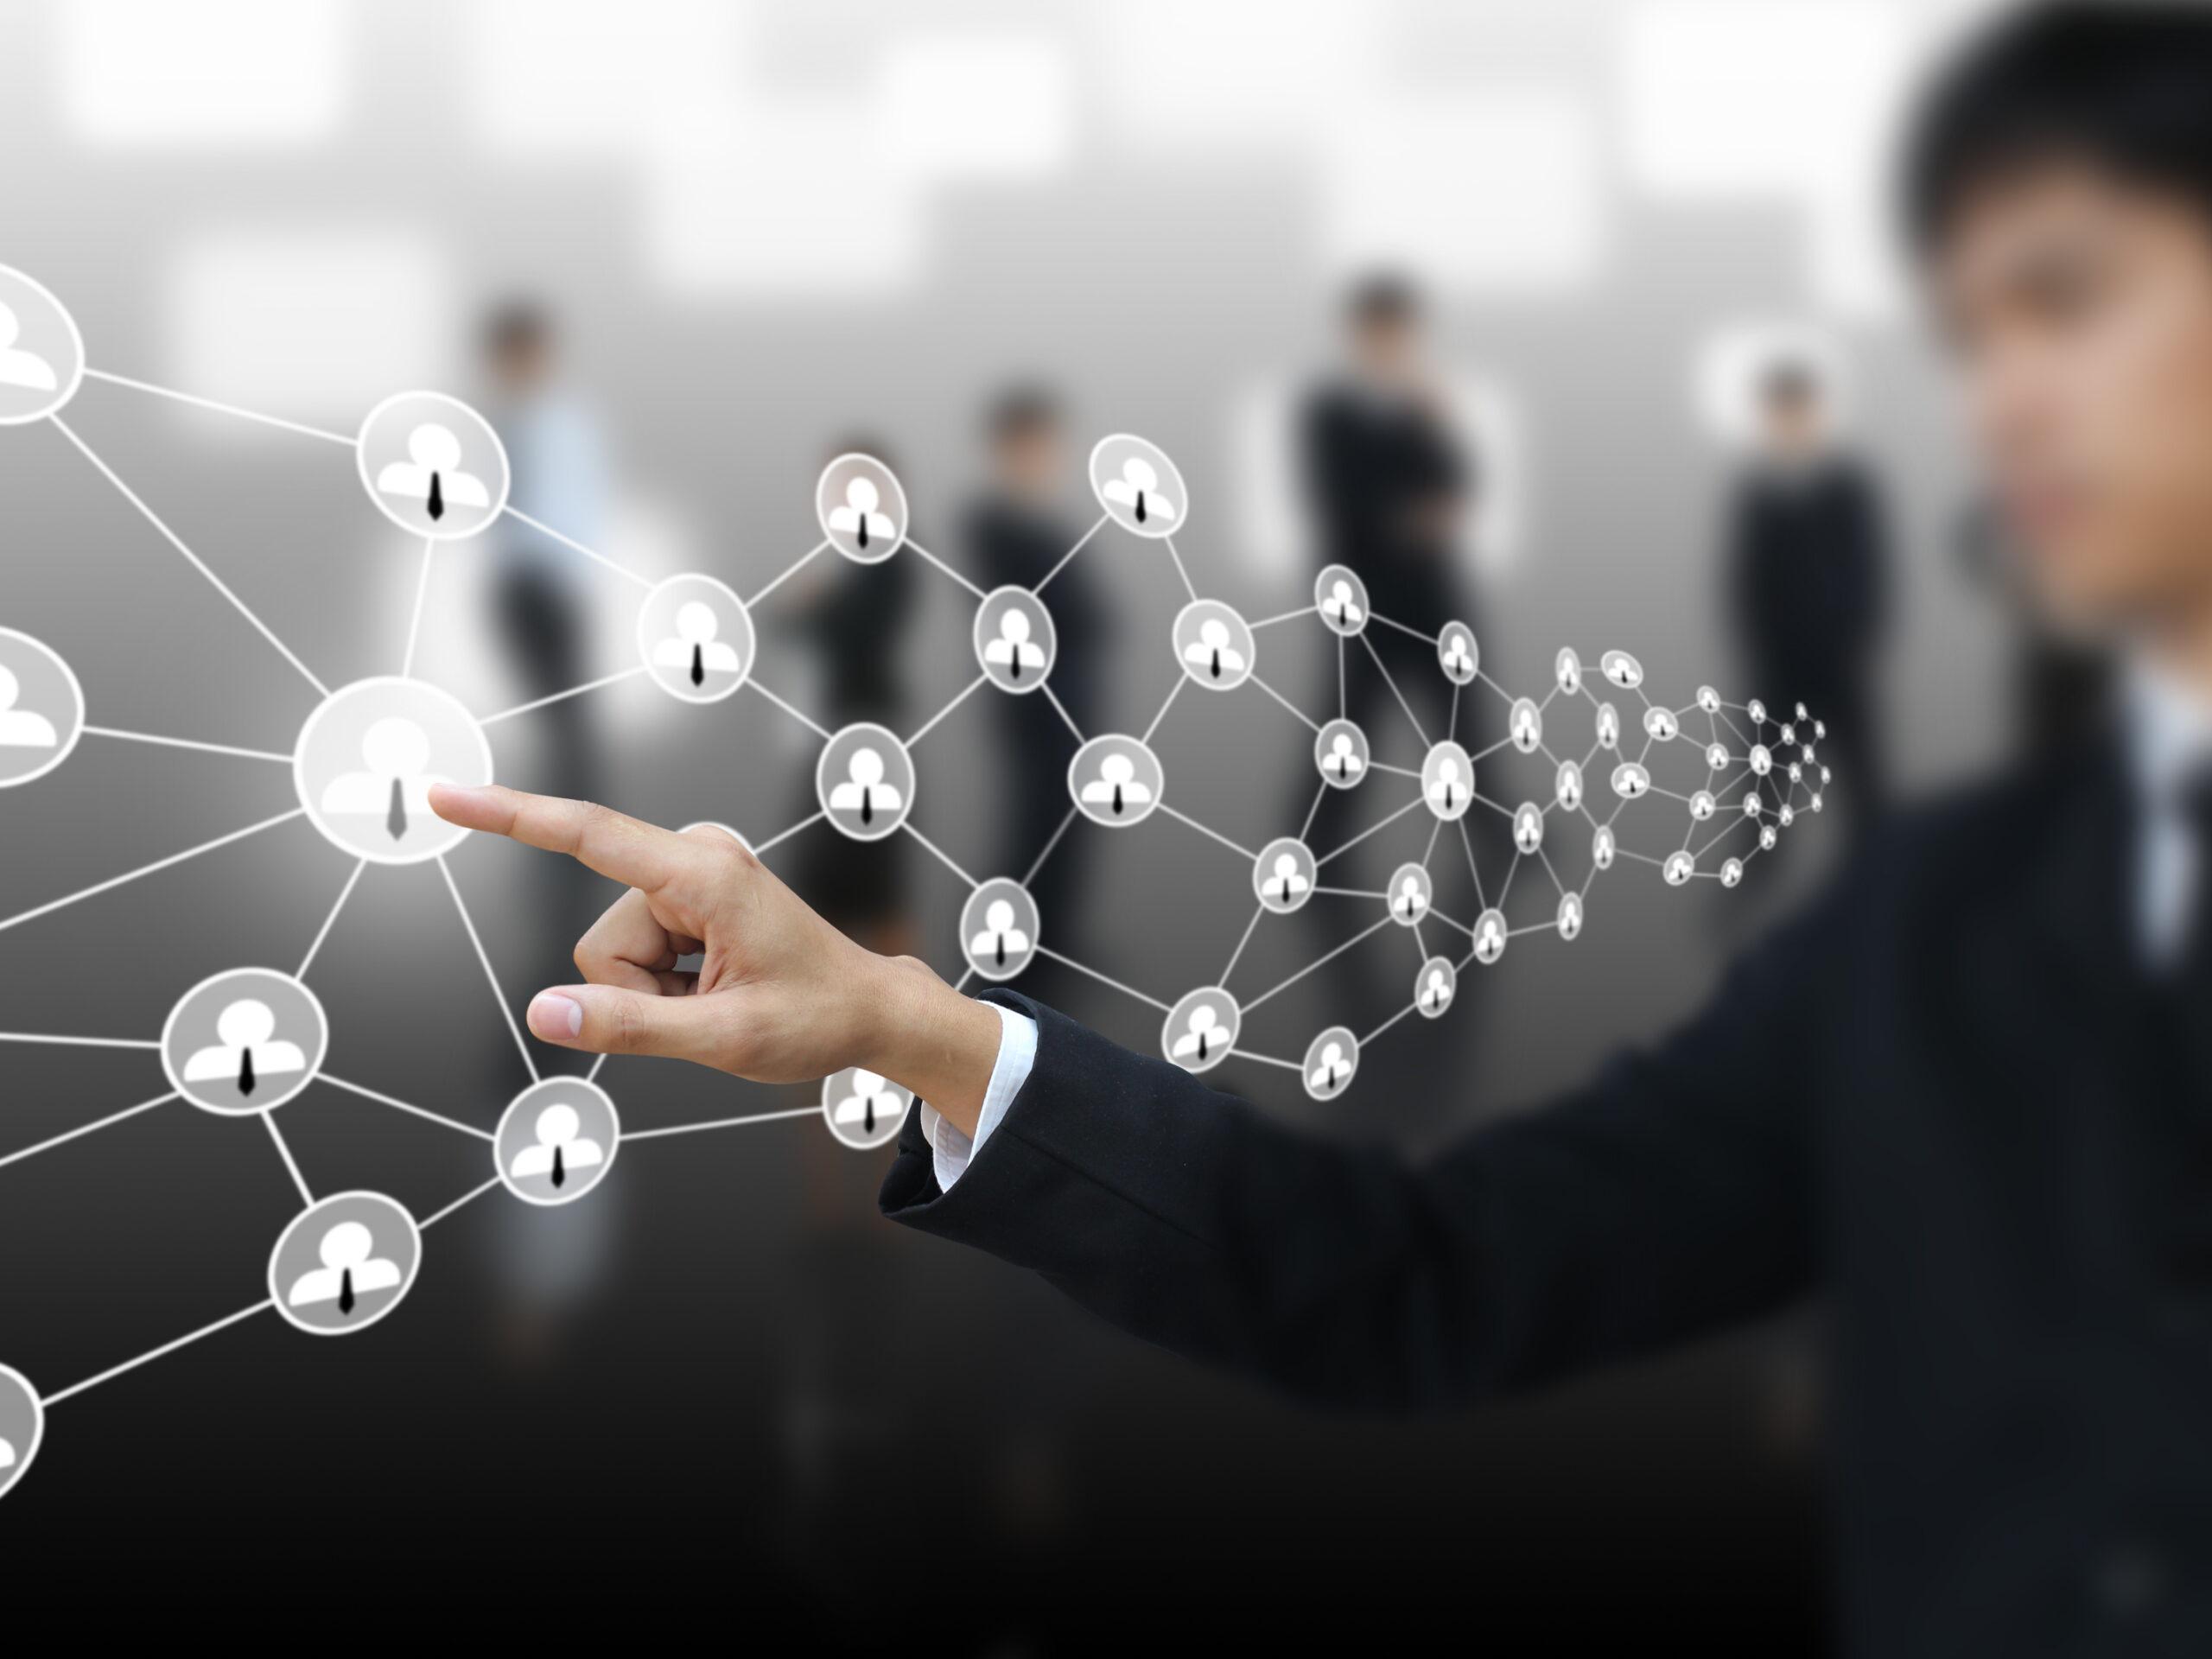 معرفی سبدگردان هوشمند در بازار سرمایه